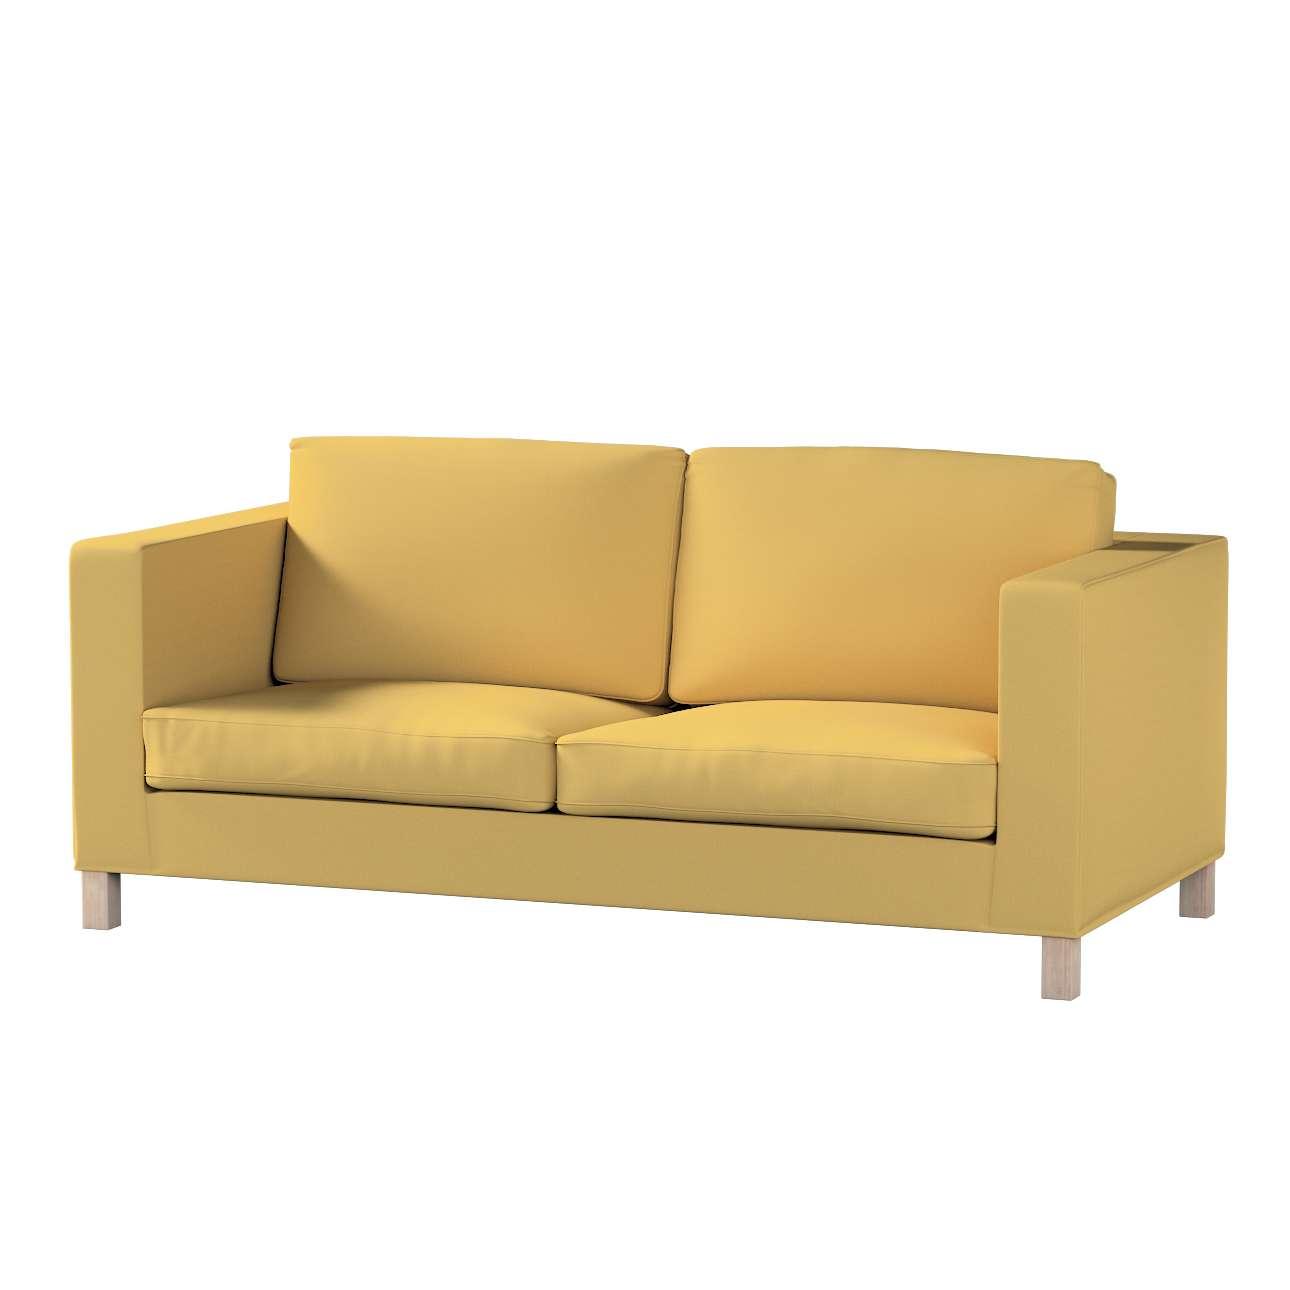 Pokrowiec na sofę Karlanda rozkładaną, krótki w kolekcji Cotton Panama, tkanina: 702-41